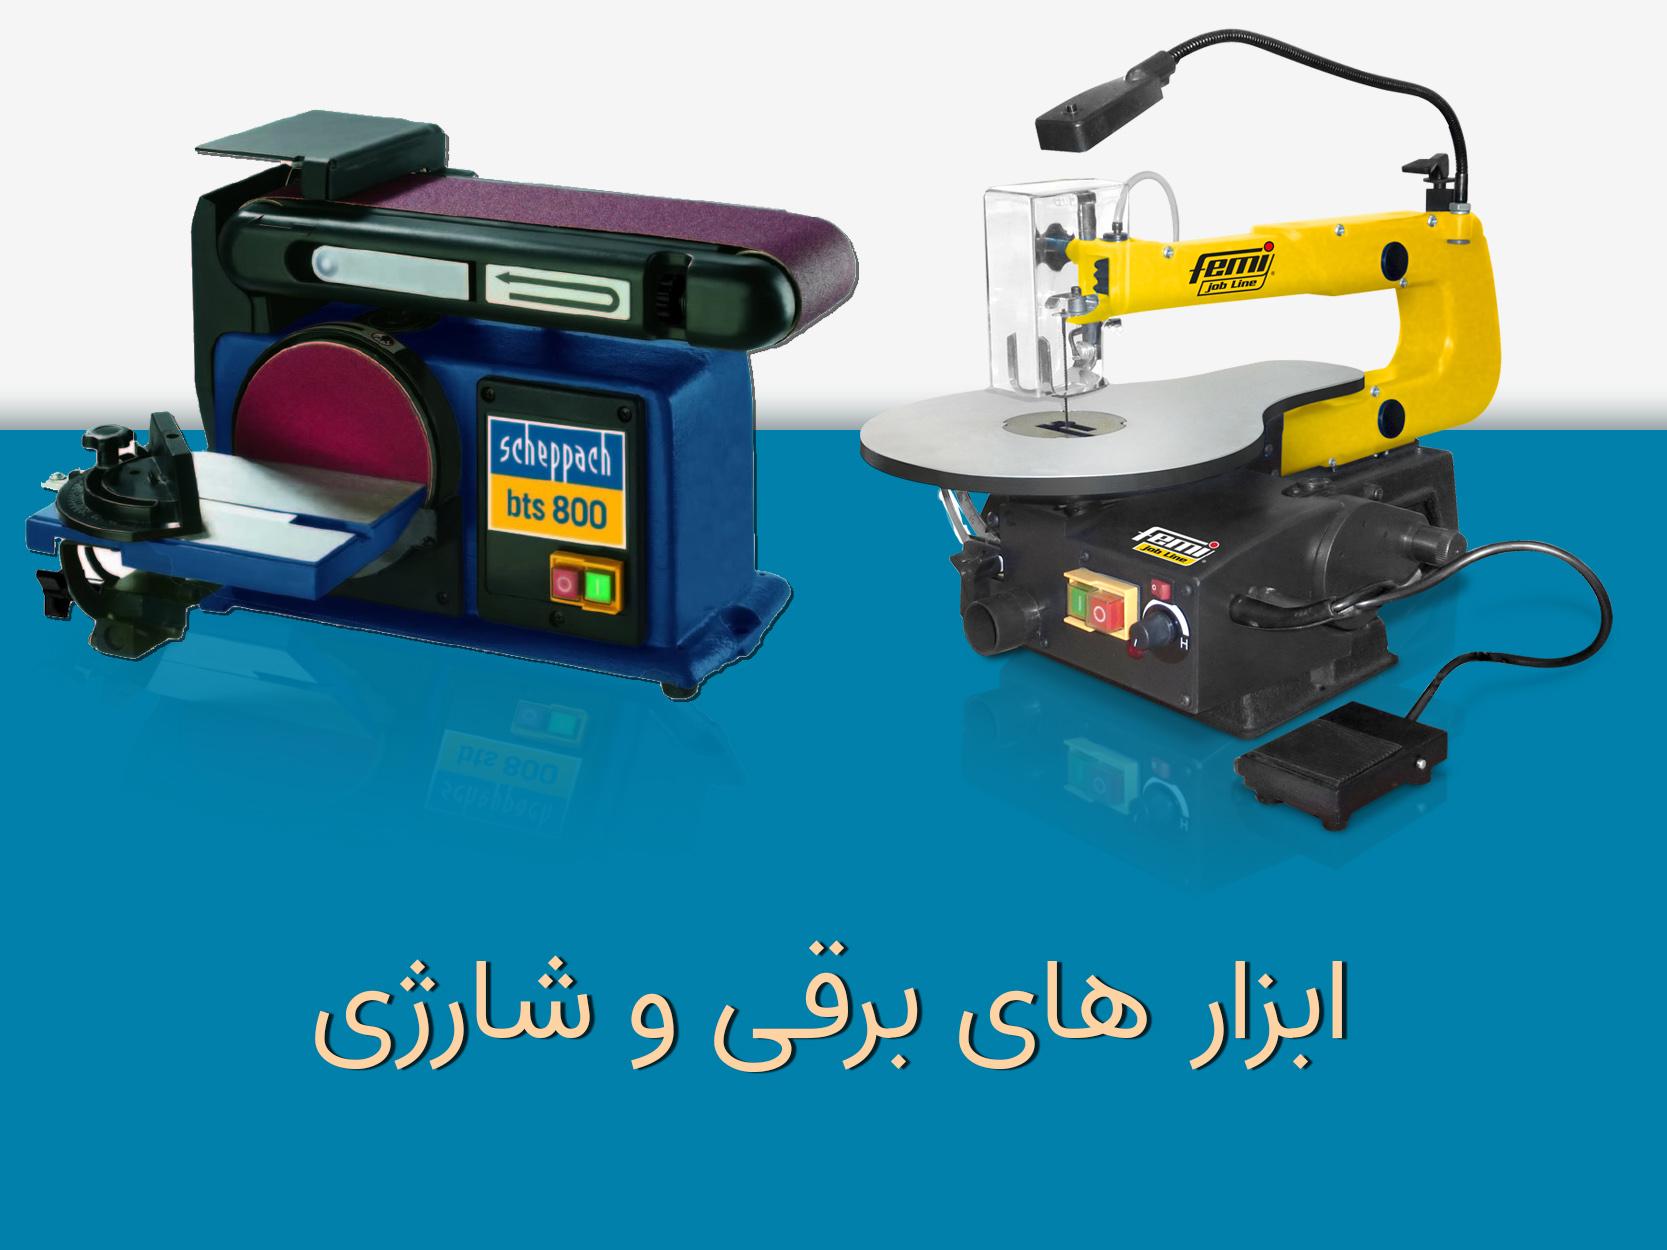 ابزارهای برقی و شارژی